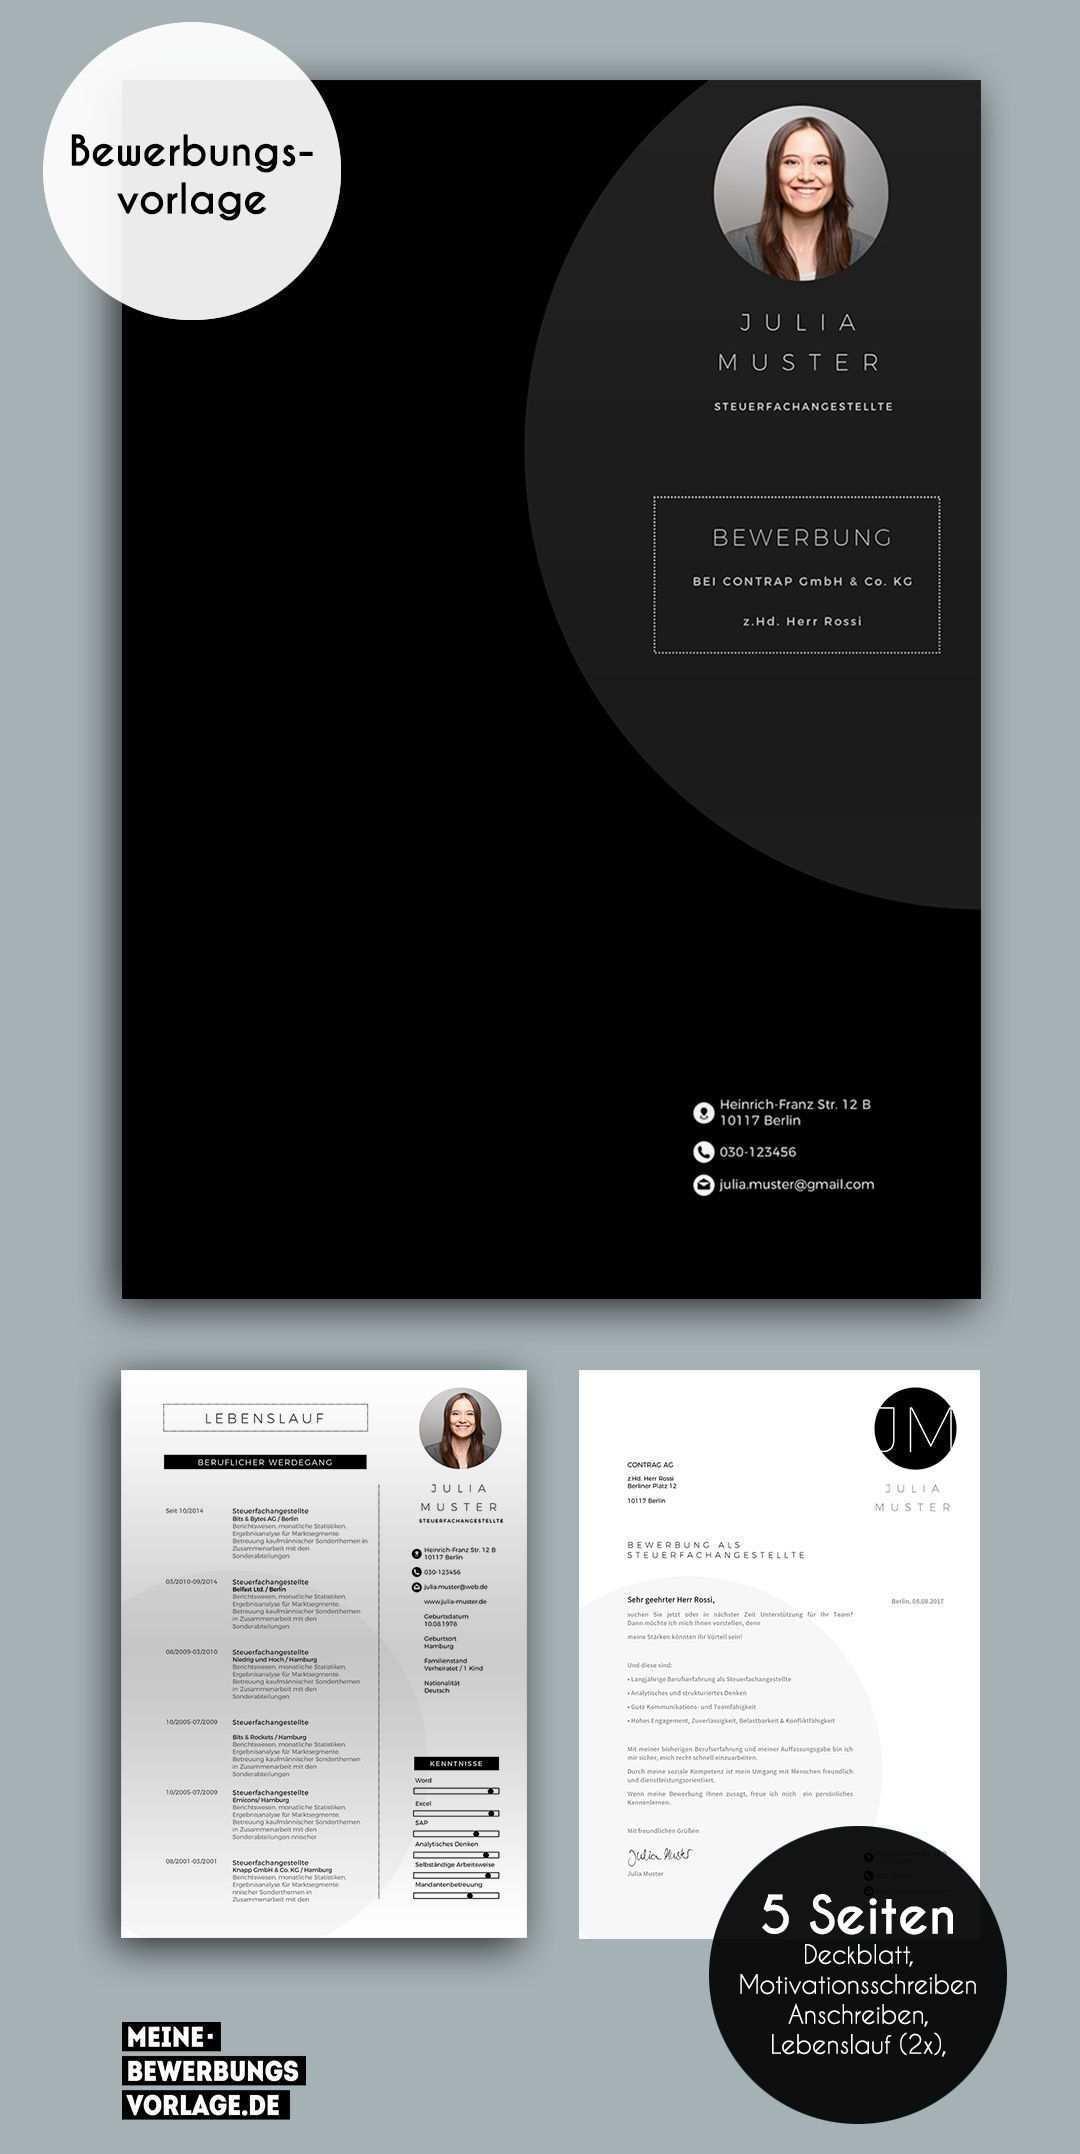 26 Lebenslauf Design Microsoft Word Invitation Card 26 Lebenslauf Design Microsoft Word Beispielele In 2020 Lebenslauf Design Vorlagen Lebenslauf Lebenslauf